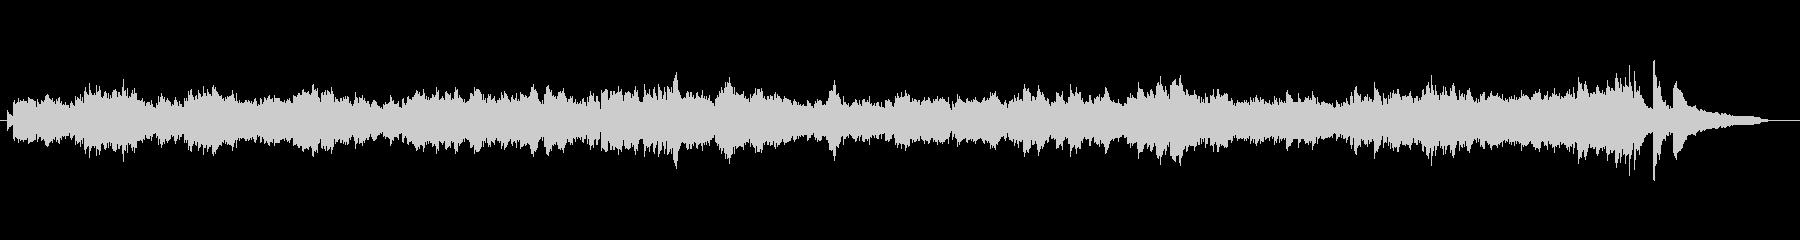 ショパン練習曲12-7明るく元気なピアノの未再生の波形